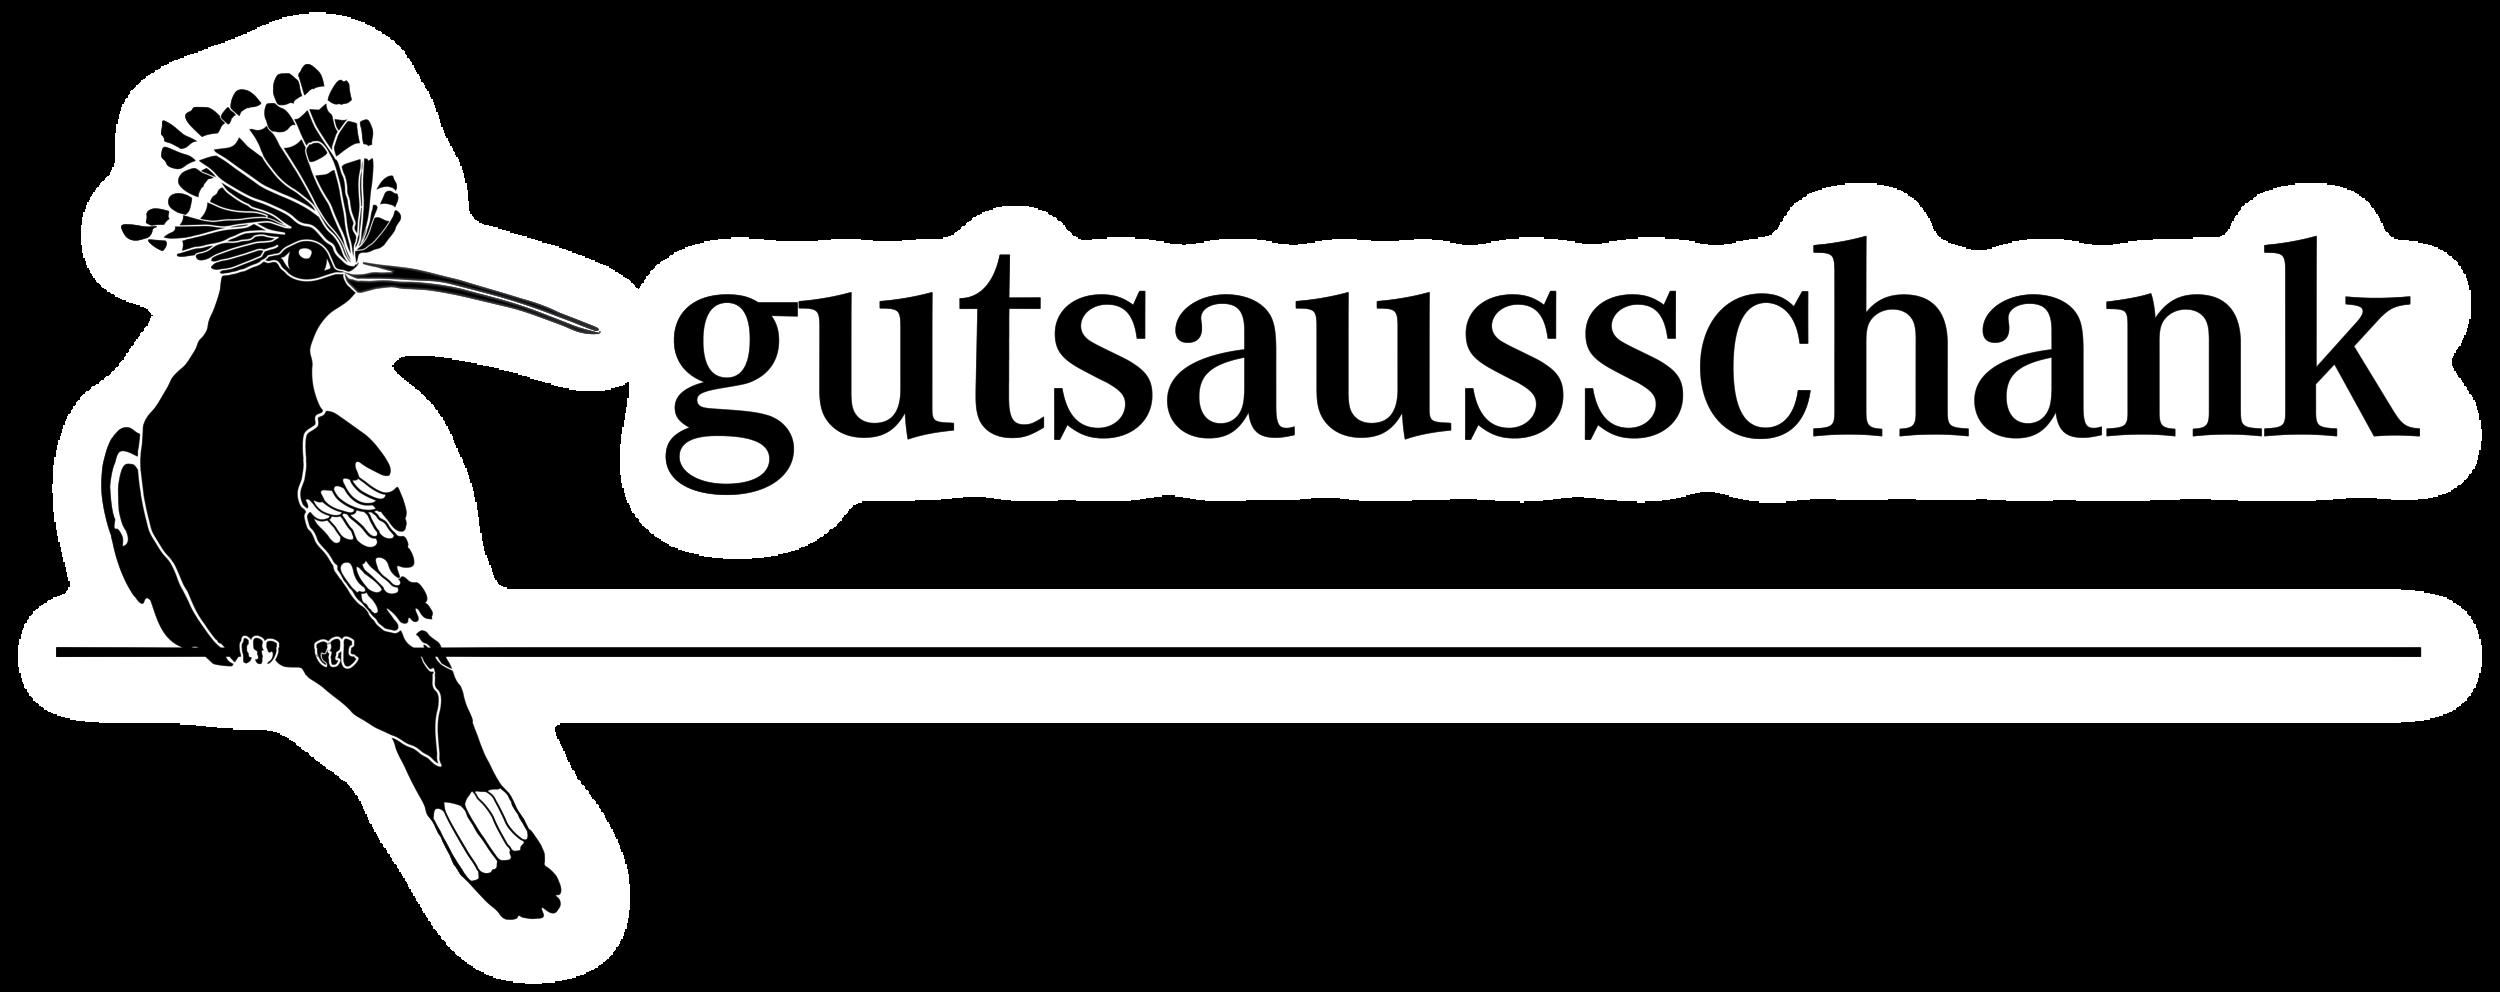 Wiedehopfgutsausschank-schatten-80-9-3-18-weiss-ll-demi-website.png